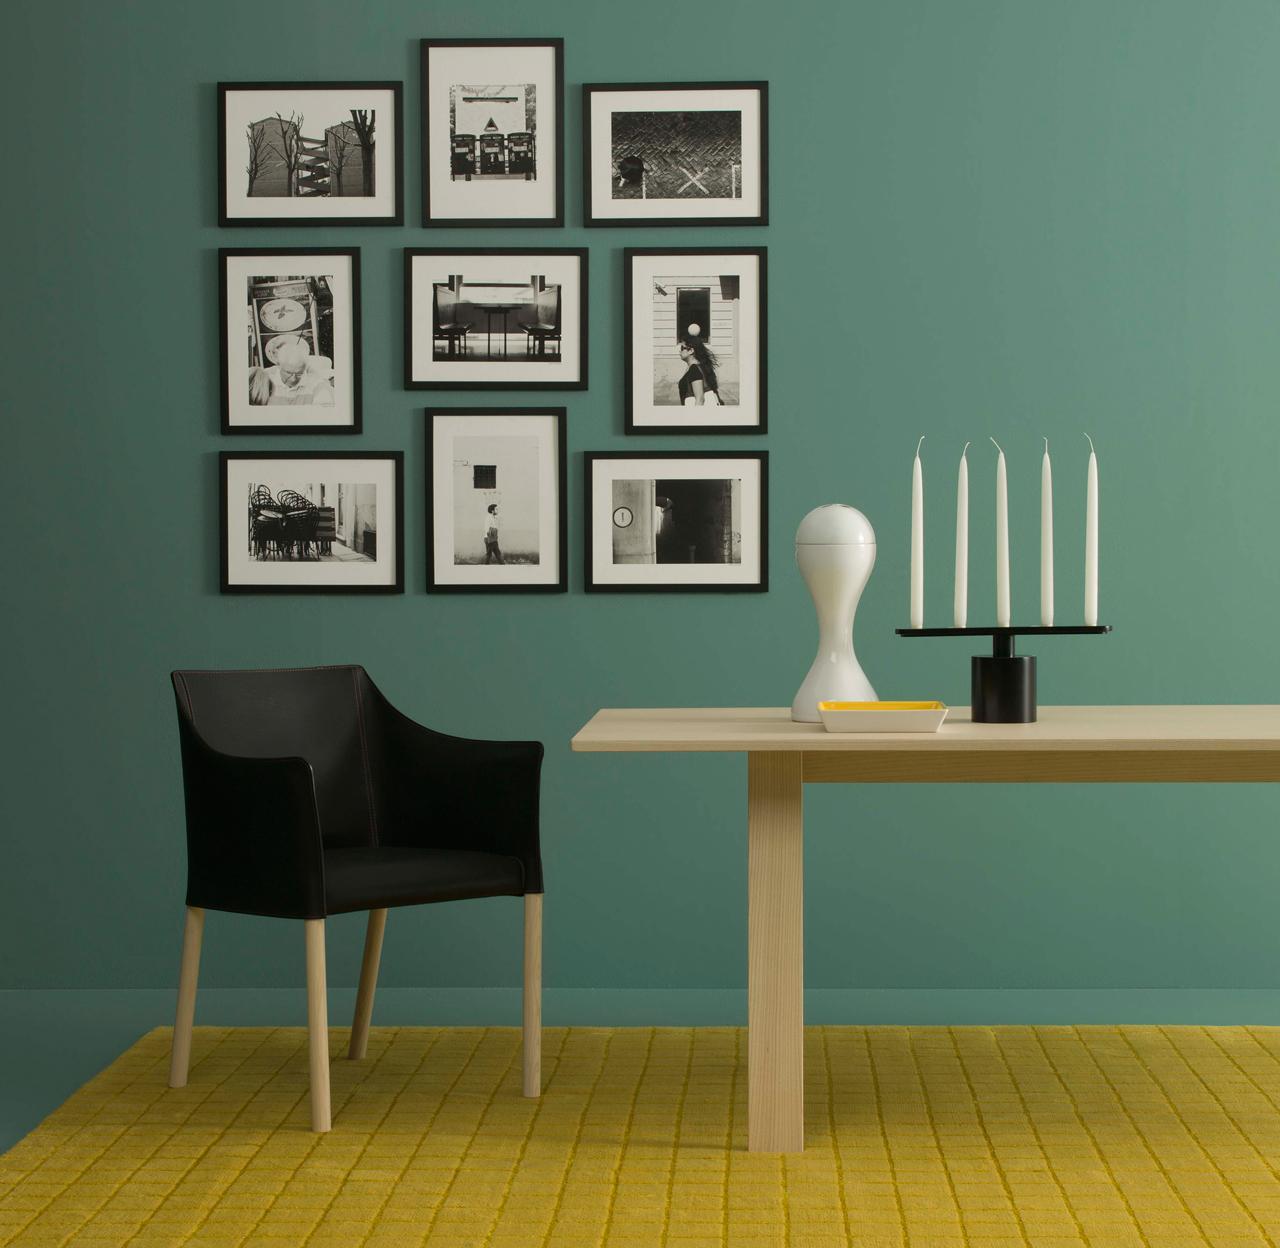 坐具|餐椅|创意家具|现代家居|时尚家具|设计师家具|定制家具|实木家具|Cap餐椅